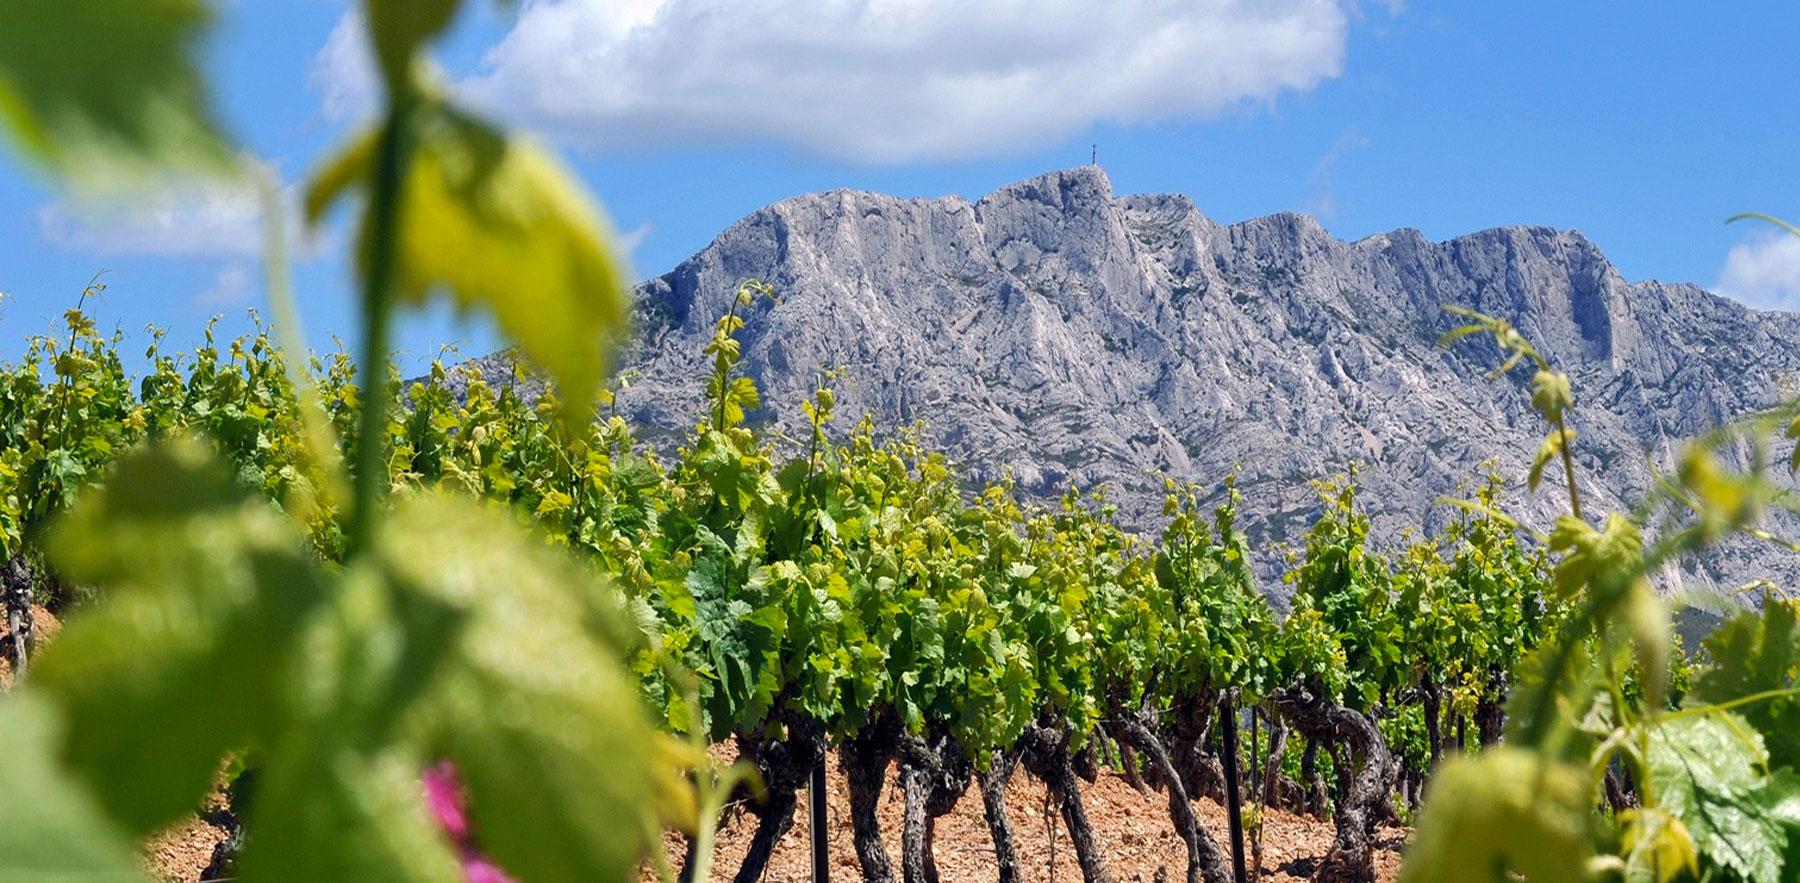 Découvrez notre sélection de vins bios, biodynamiques et natures !